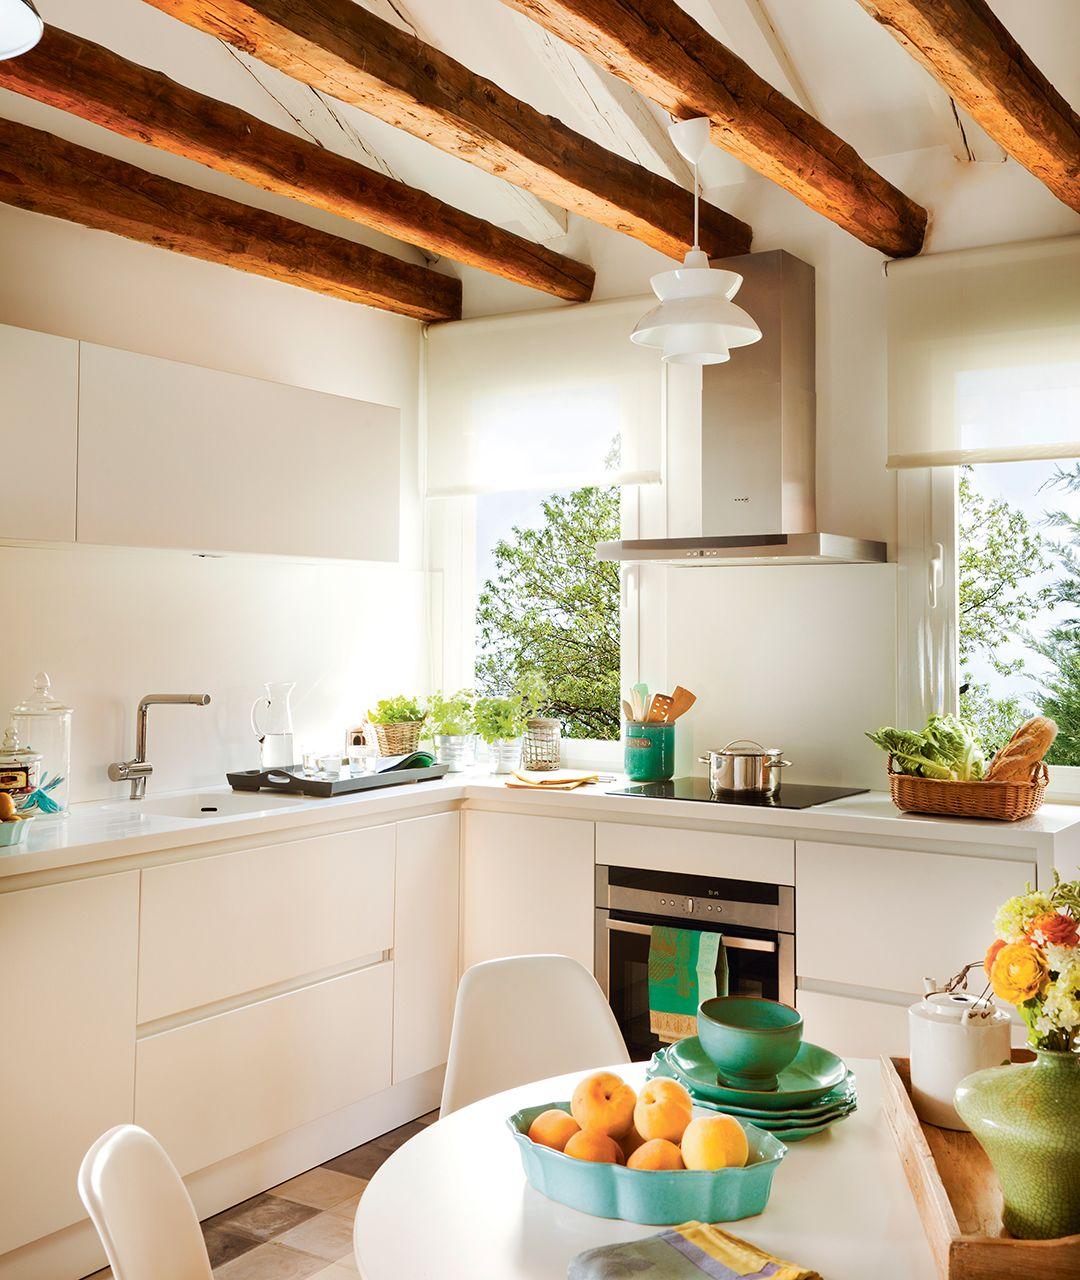 aprovecha cada centmetro de tu cocina estos trucos y consejos sobre cmo hacer que la cocina pequea parezca ms grande y permita guardar ms cosas